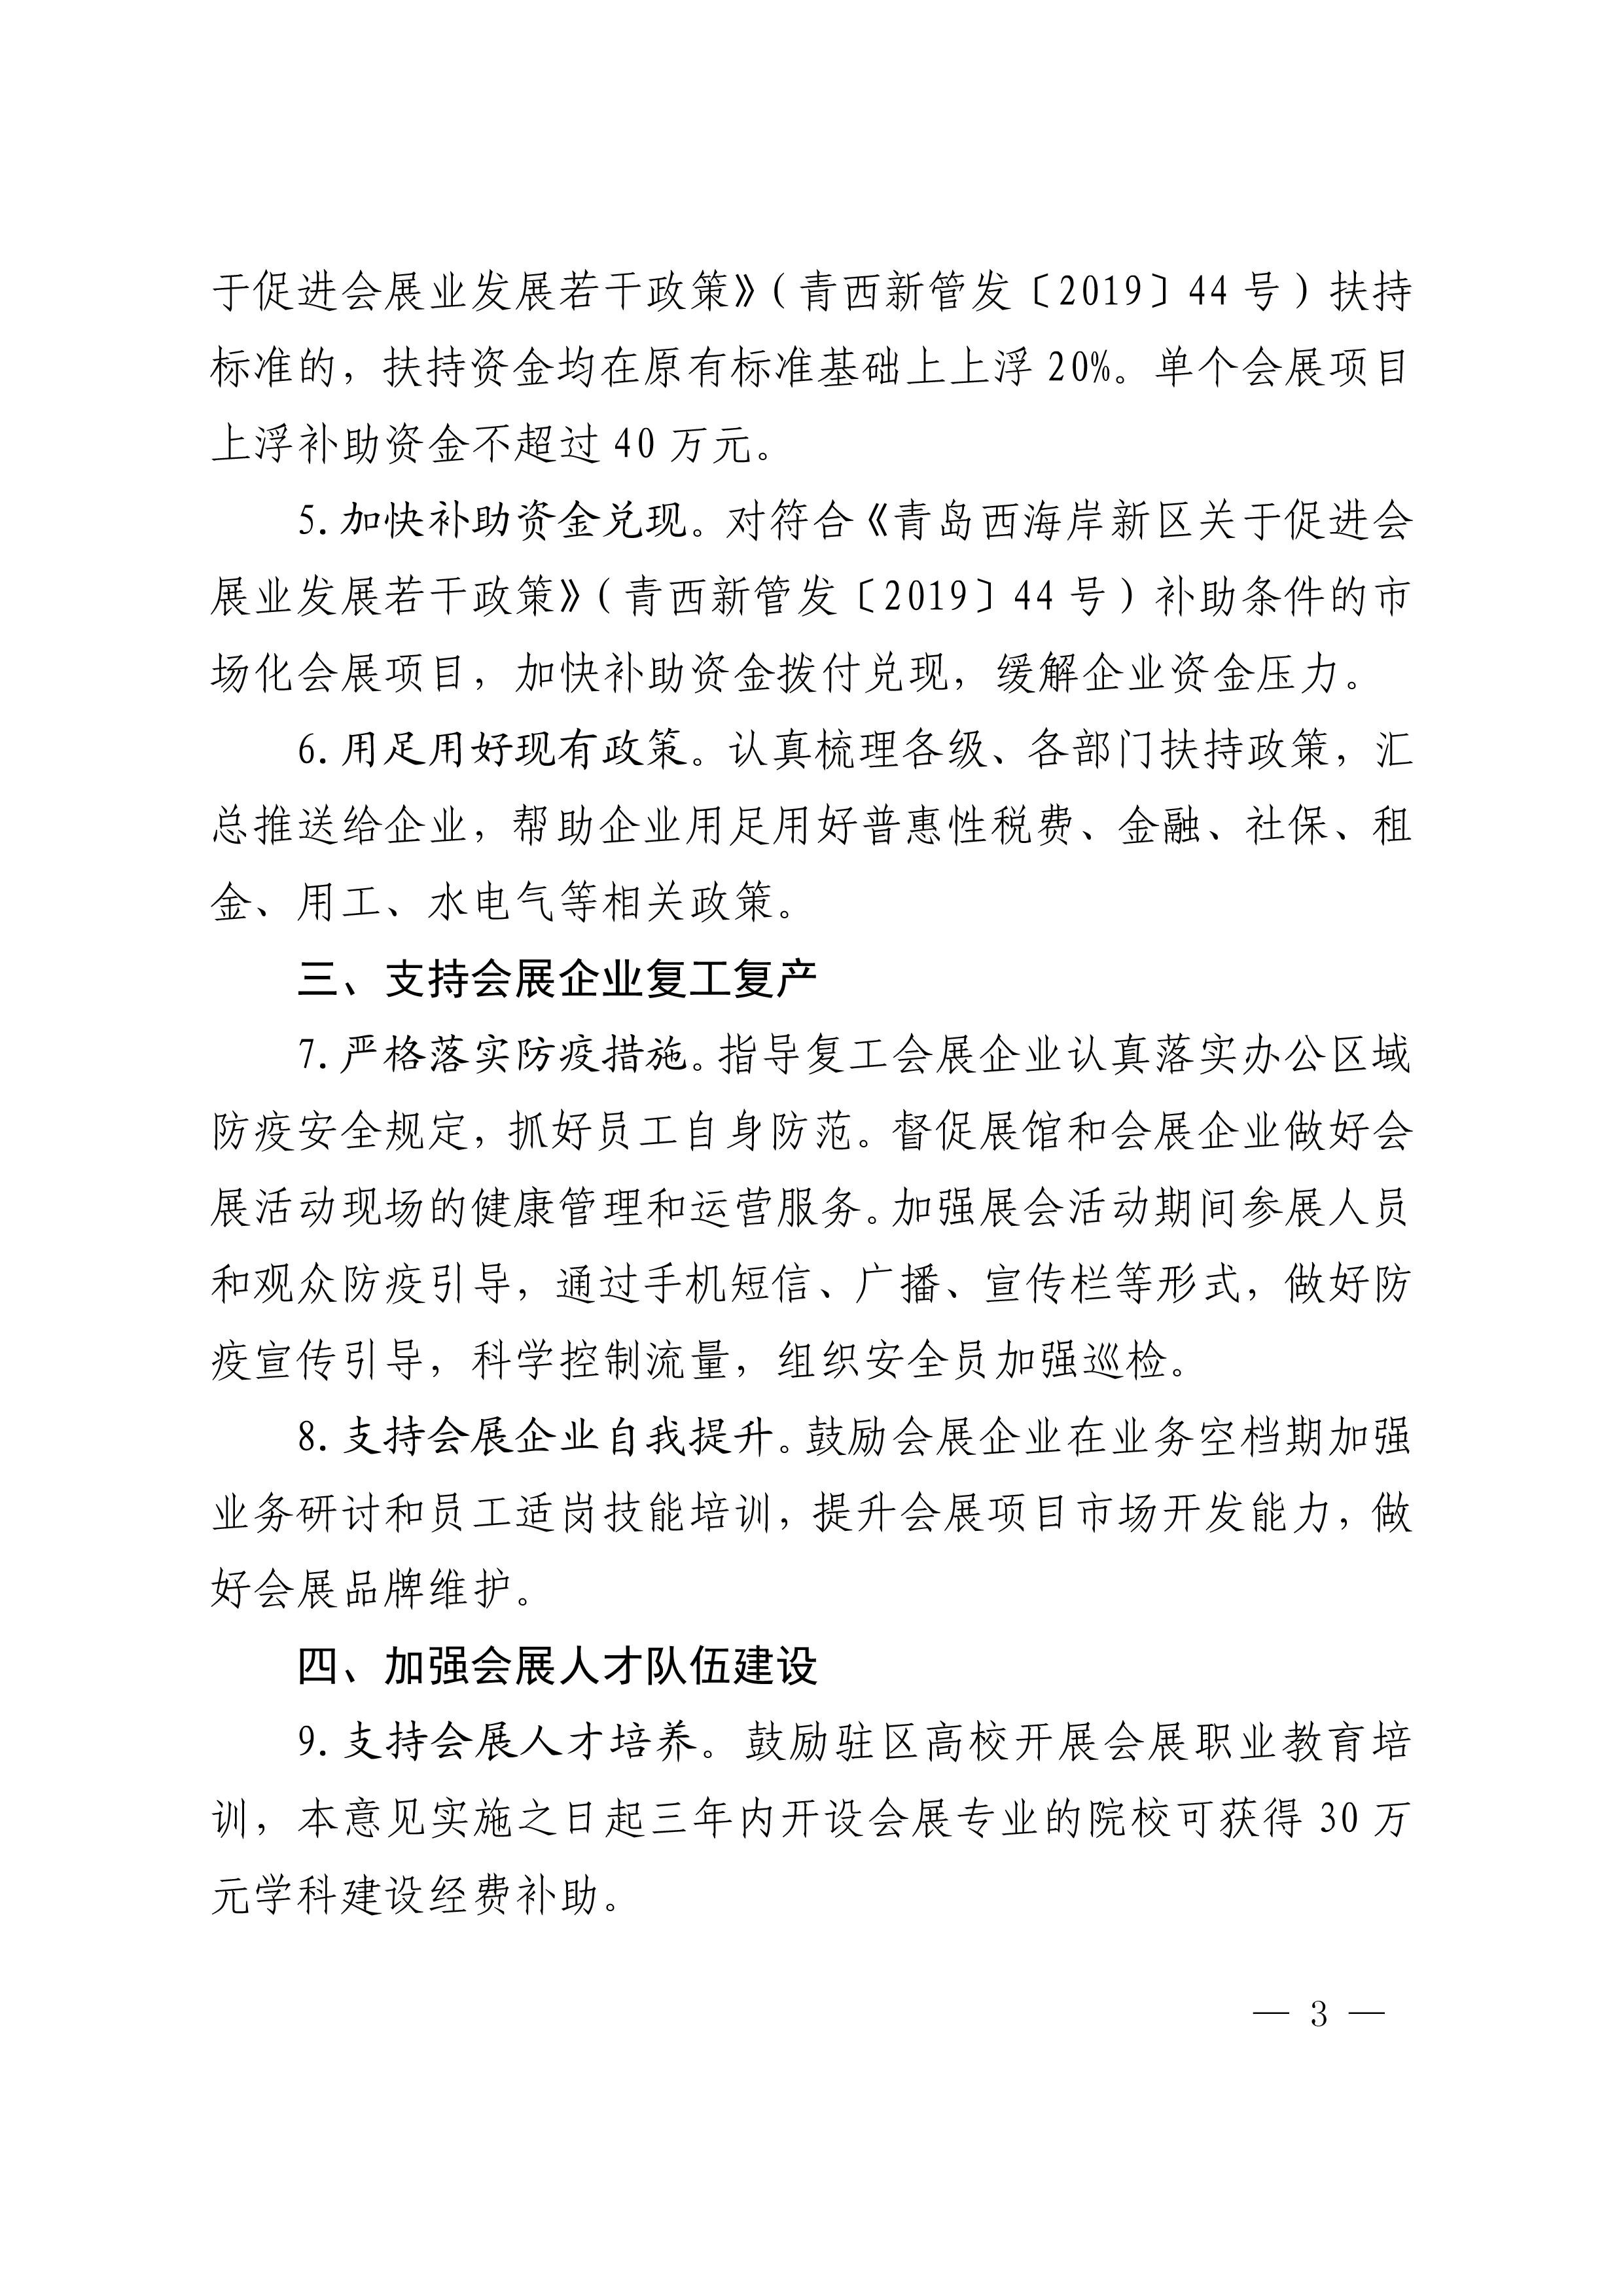 《青岛西海岸新区关于应对疫情支持会展业发展的实施意见》第3页